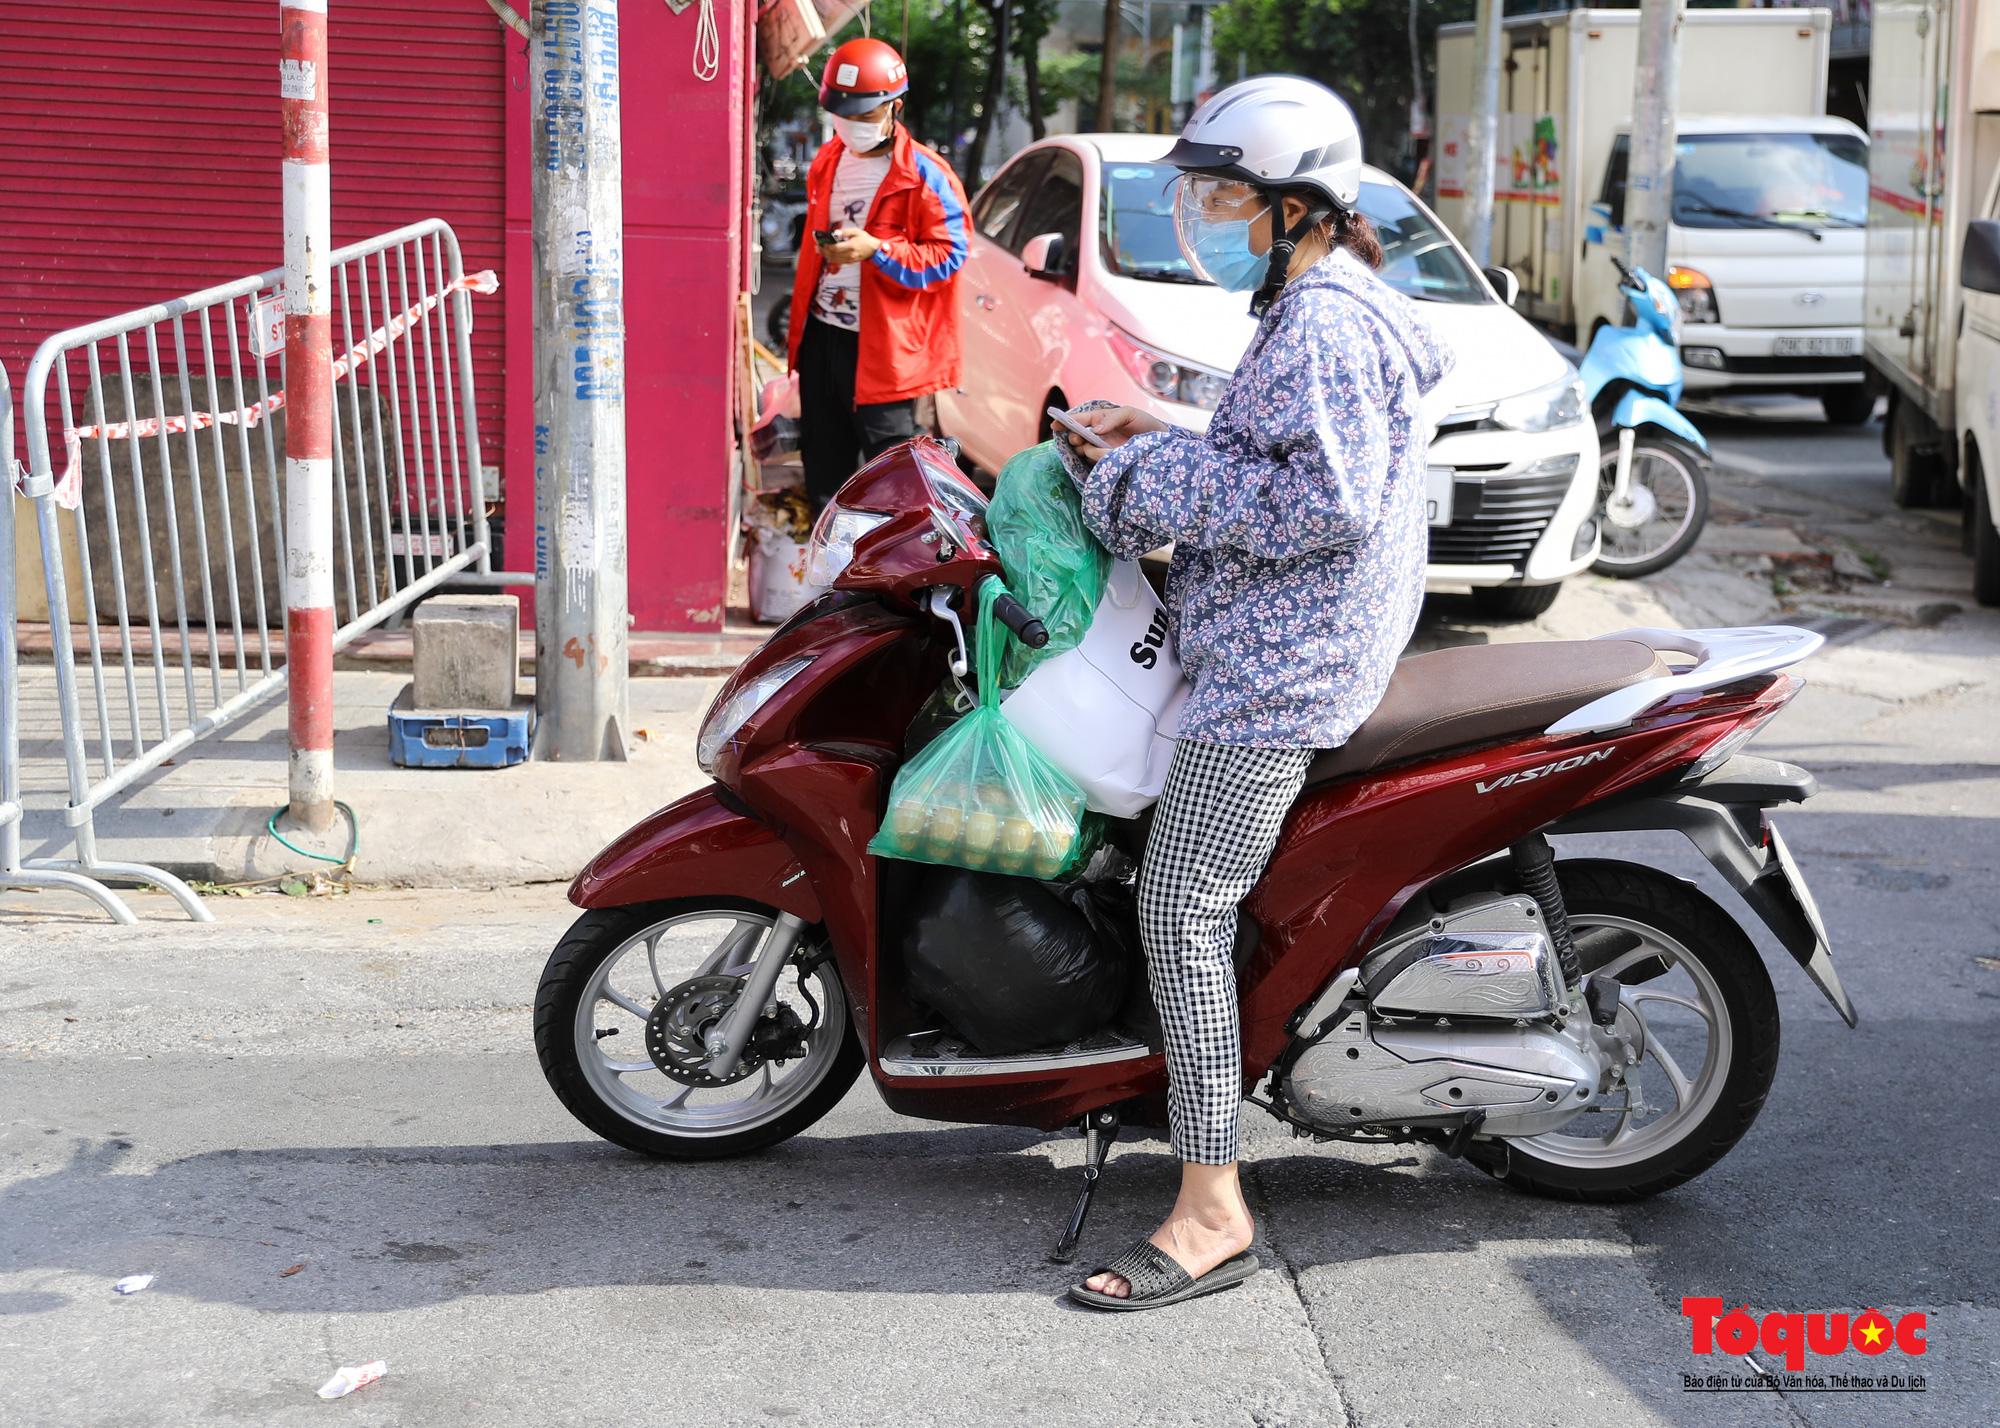 Hà Nội: Phong tỏa 2 phường Văn Miếu, Văn Chương, người dân xếp hàng tiếp tế cho khu cách ly - Ảnh 13.